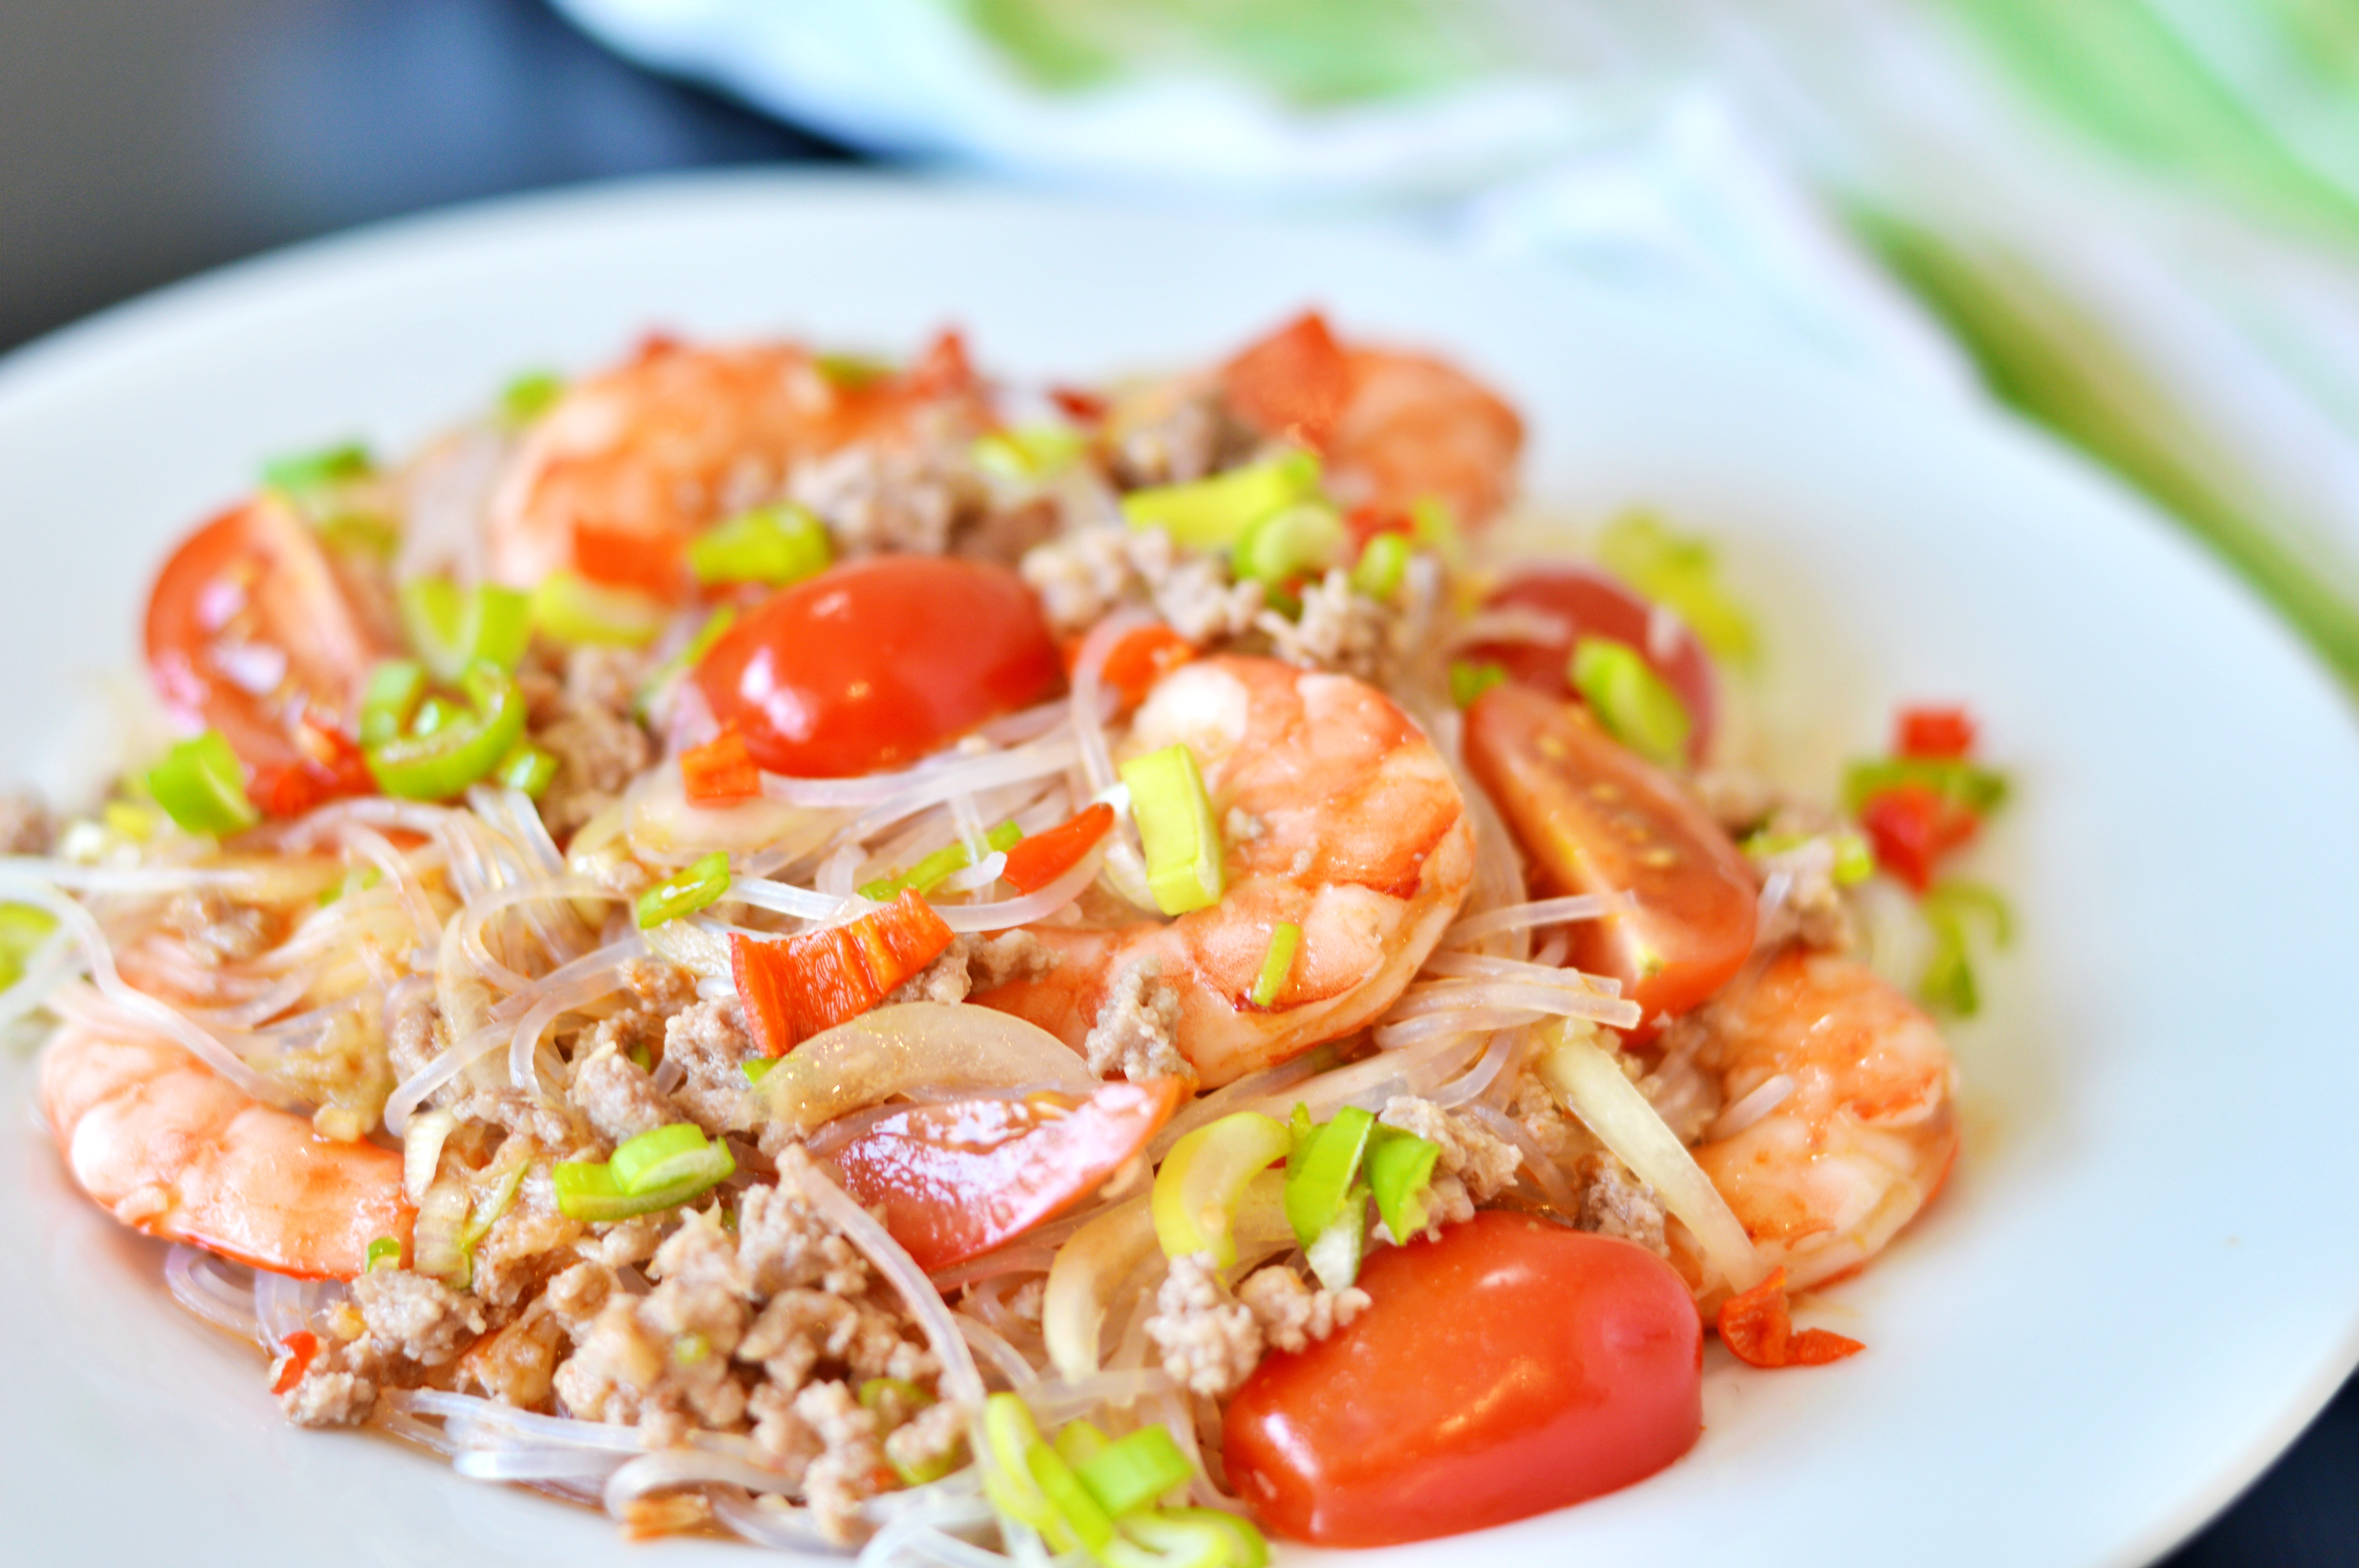 Rezept für thailändischen Glasnudelsalat - Yam Woon Sen | www.dearlicious.com